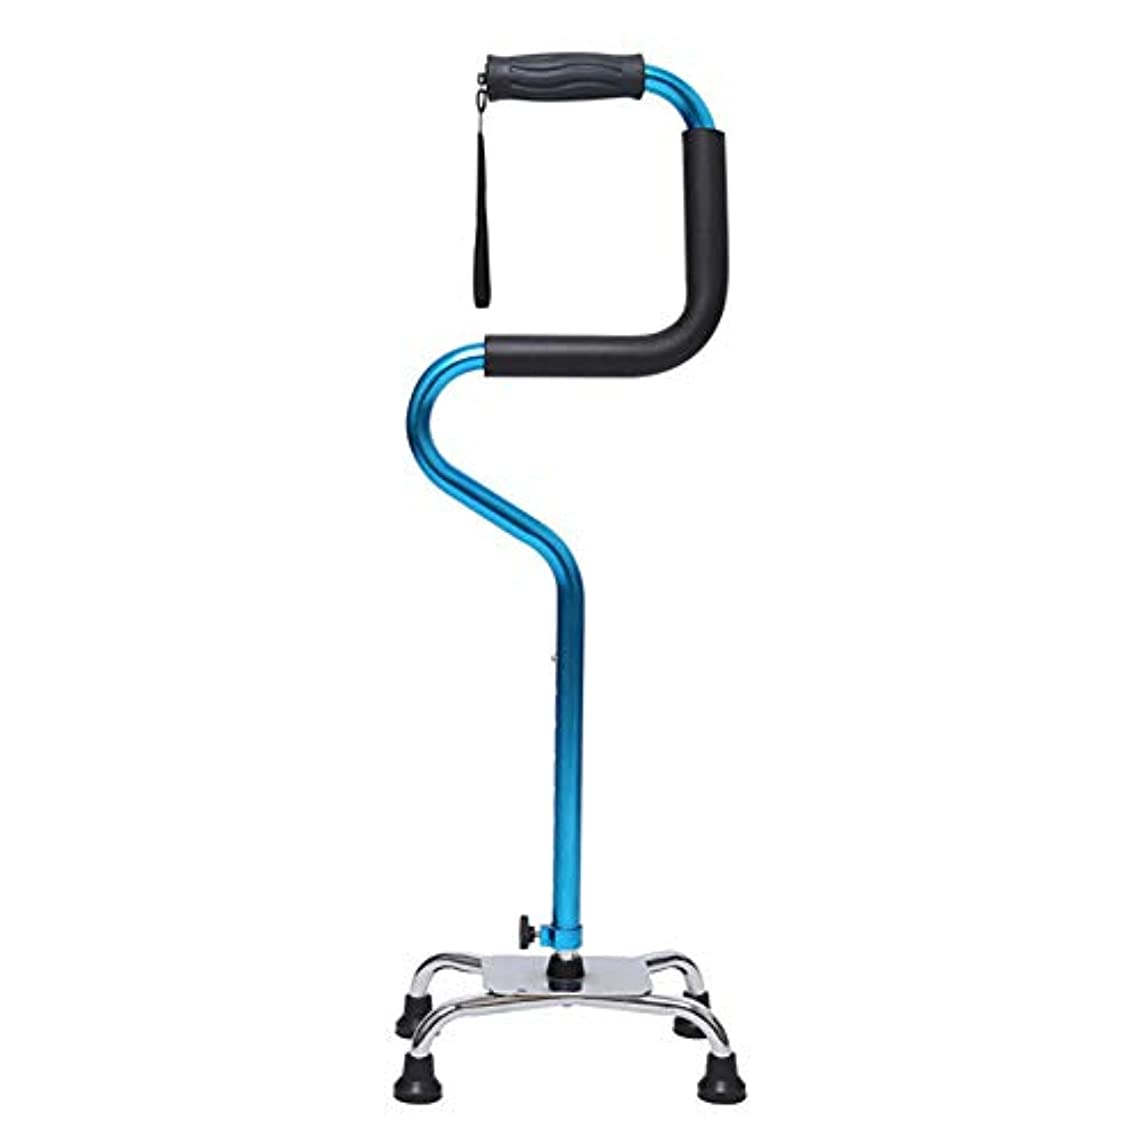 言い聞かせるタッチボット杖ステッキ男性と女性のための安定性サポート4つの丈夫なアルミニウム旅行援助の調節可能な高さのための軽量の快適な左右のグリップ